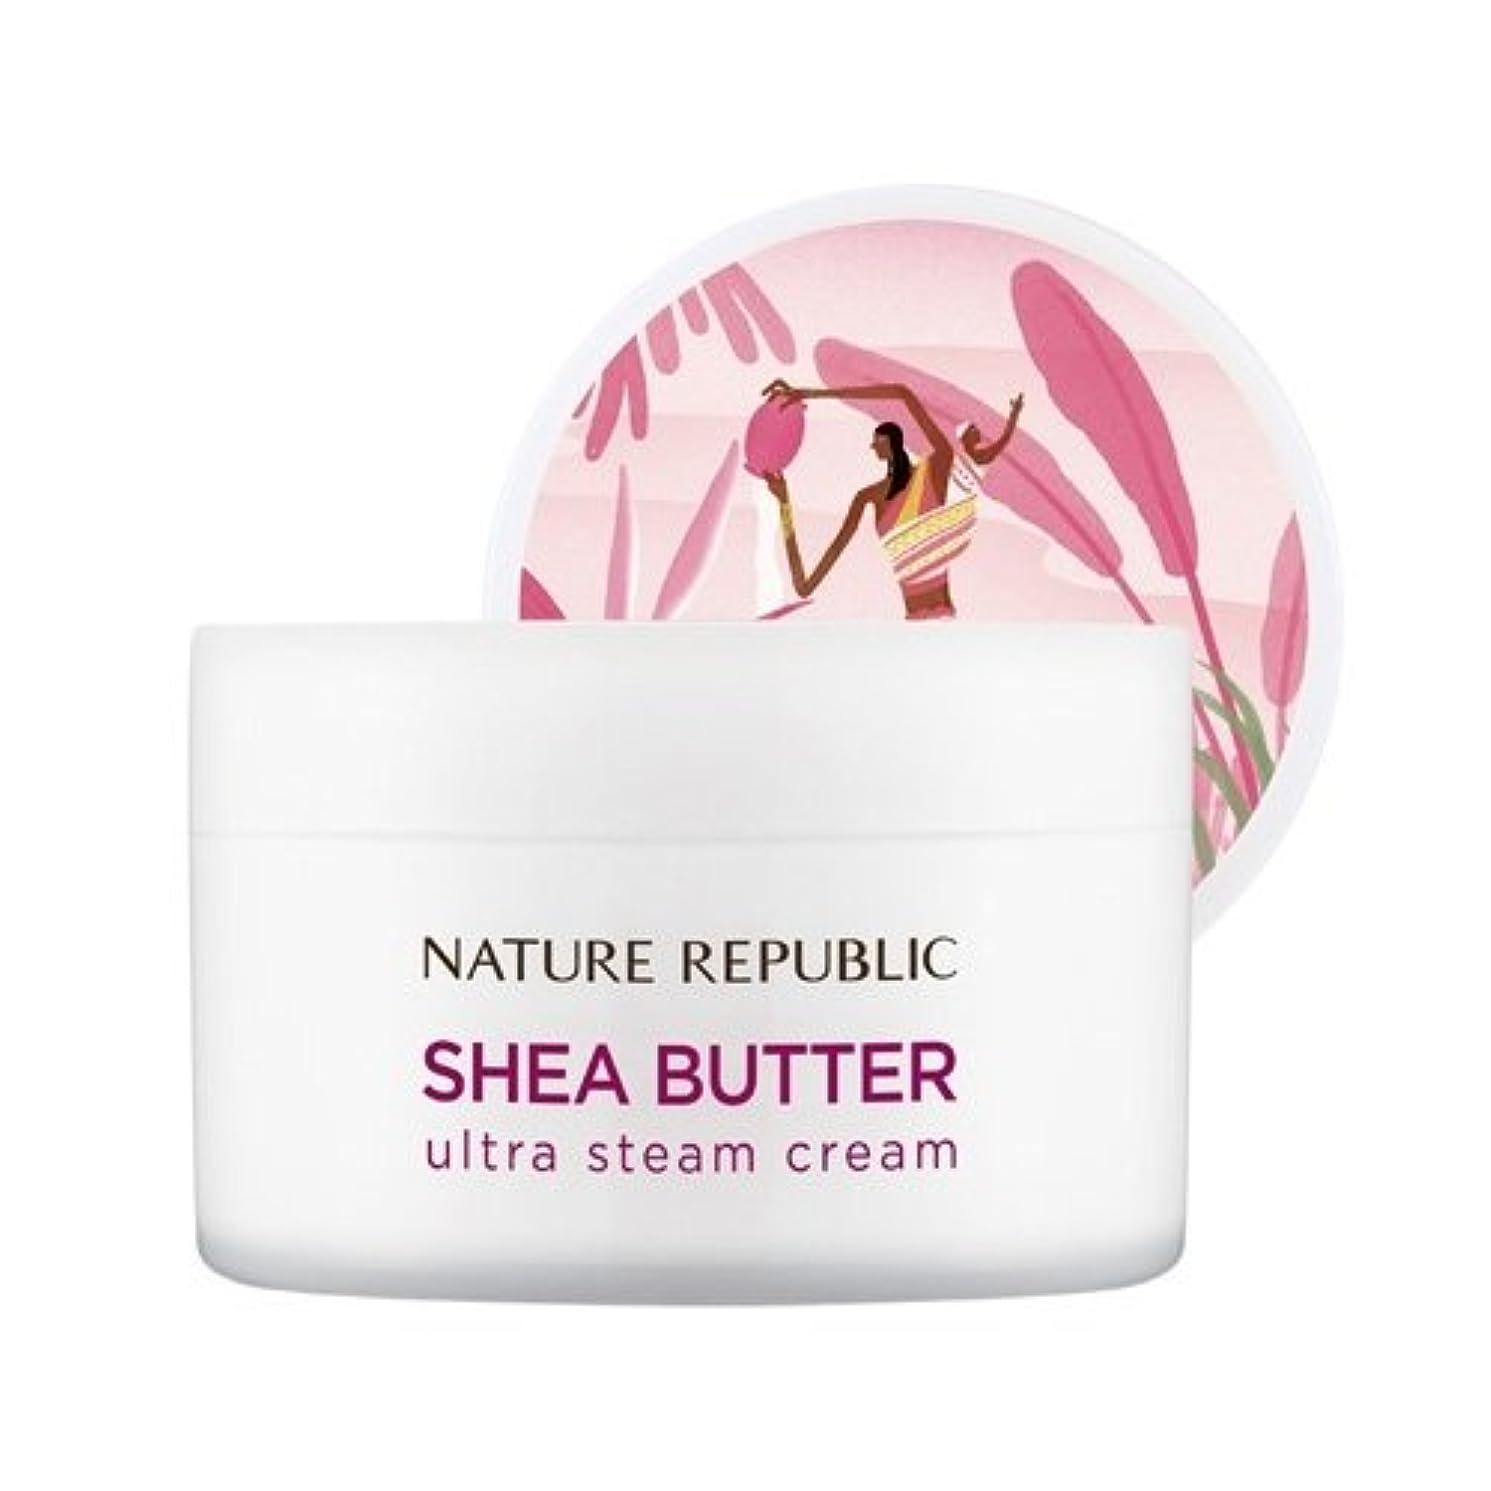 骨髄マナージャンルNATURE REPUBLIC(ネイチャーリパブリック) SHEA BUTTER STEAM CREAM シアバター スチーム クリーム #ウルトラ極乾燥肌